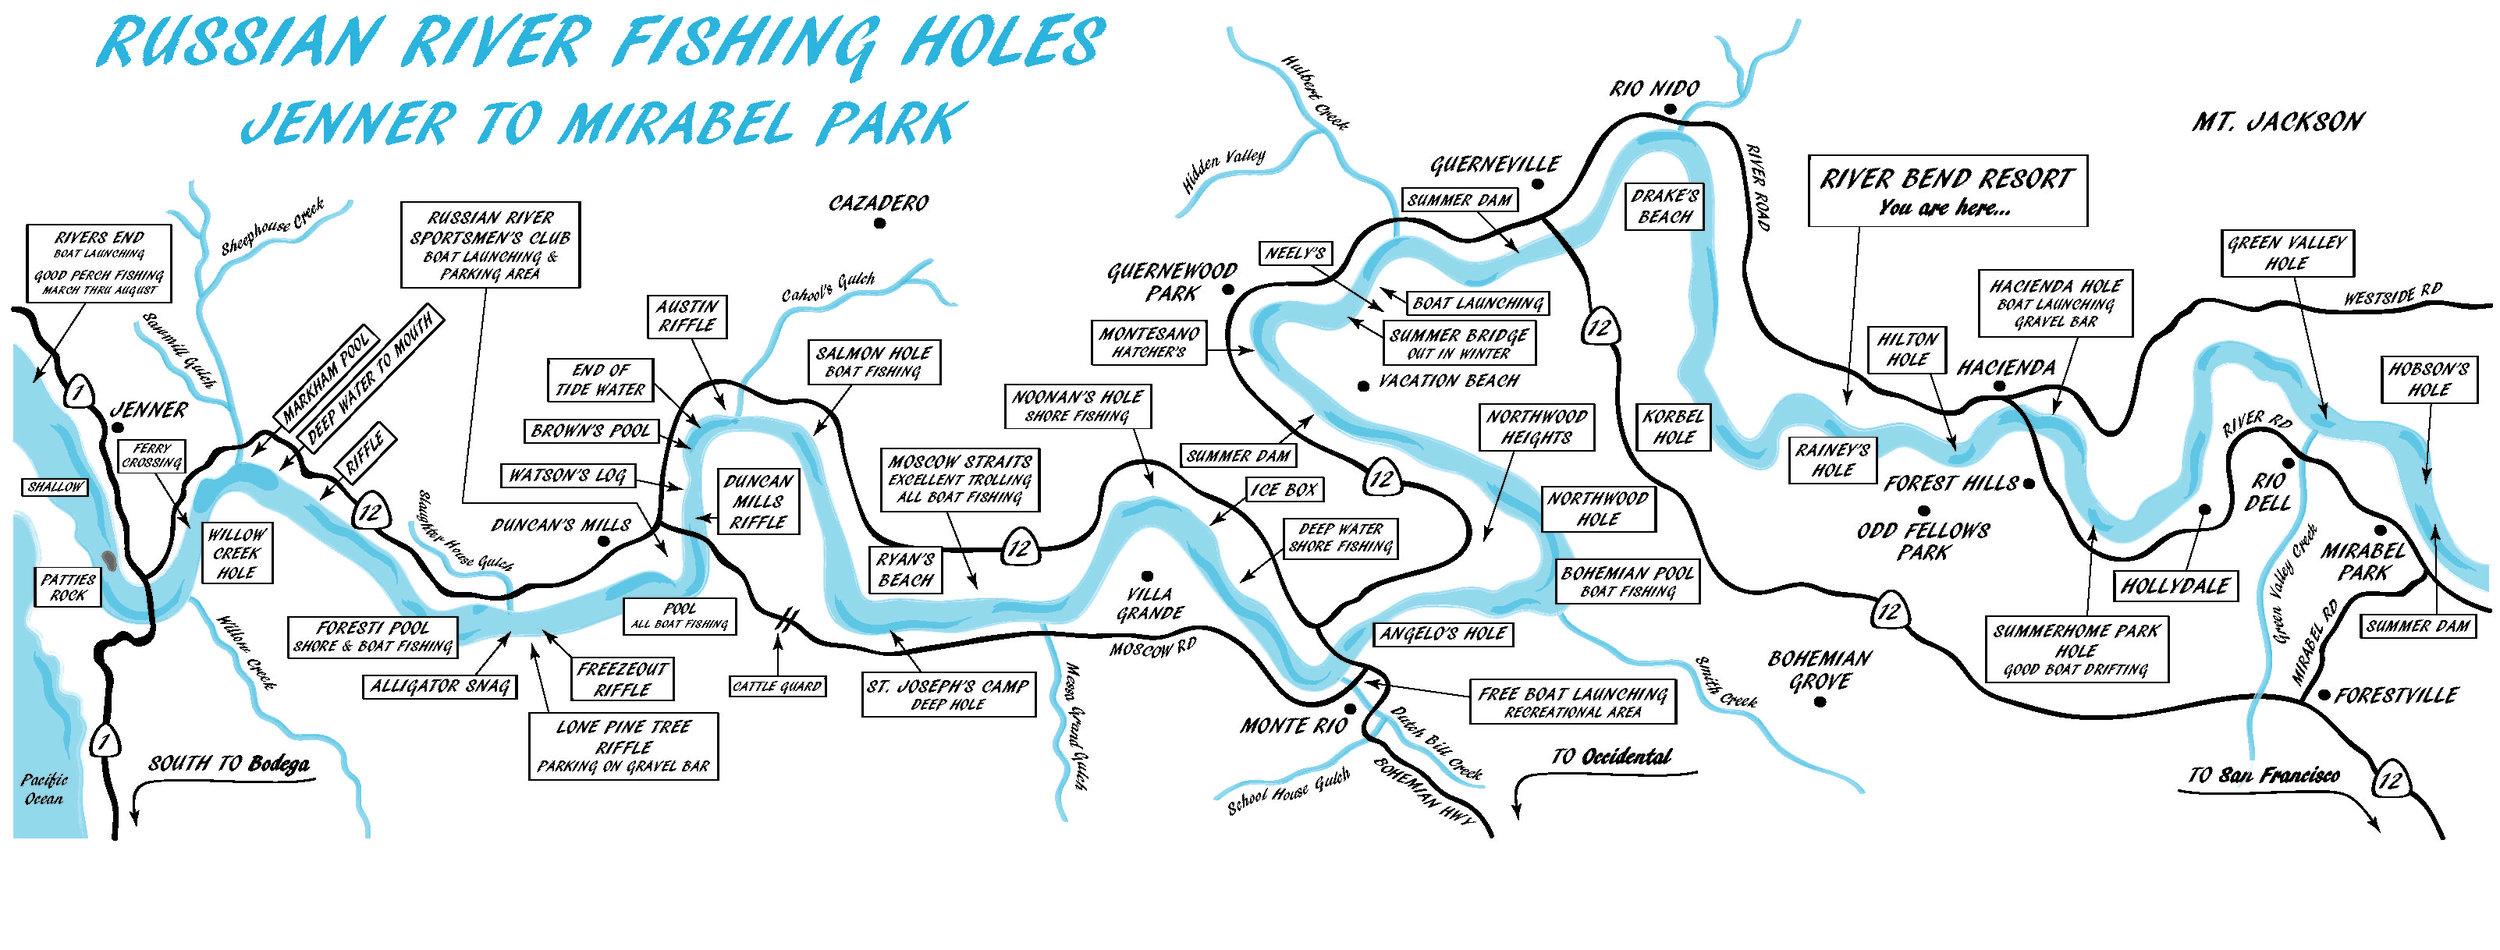 Russian River Fishing Holes Map